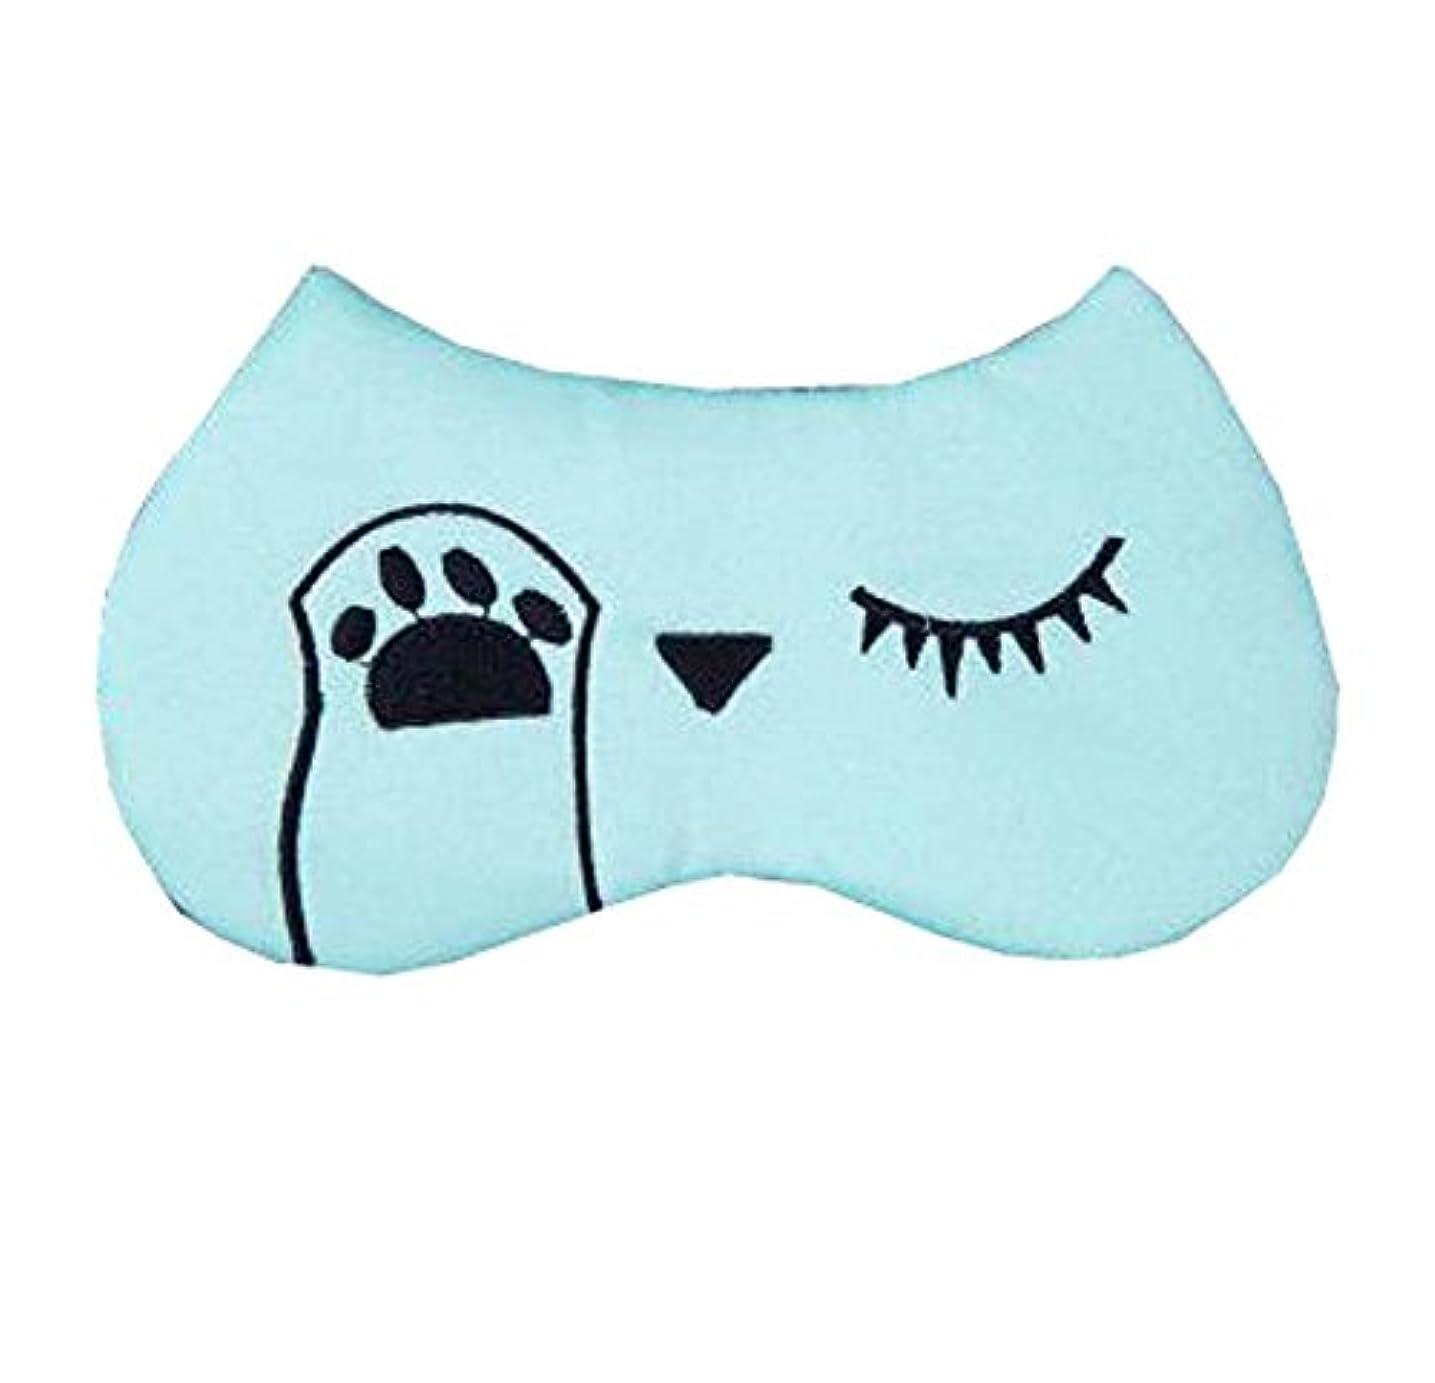 ファンネルウェブスパイダー足音輸血おかしい目のパターンアイマスクトラベルアイマスク睡眠マスク、ブルー